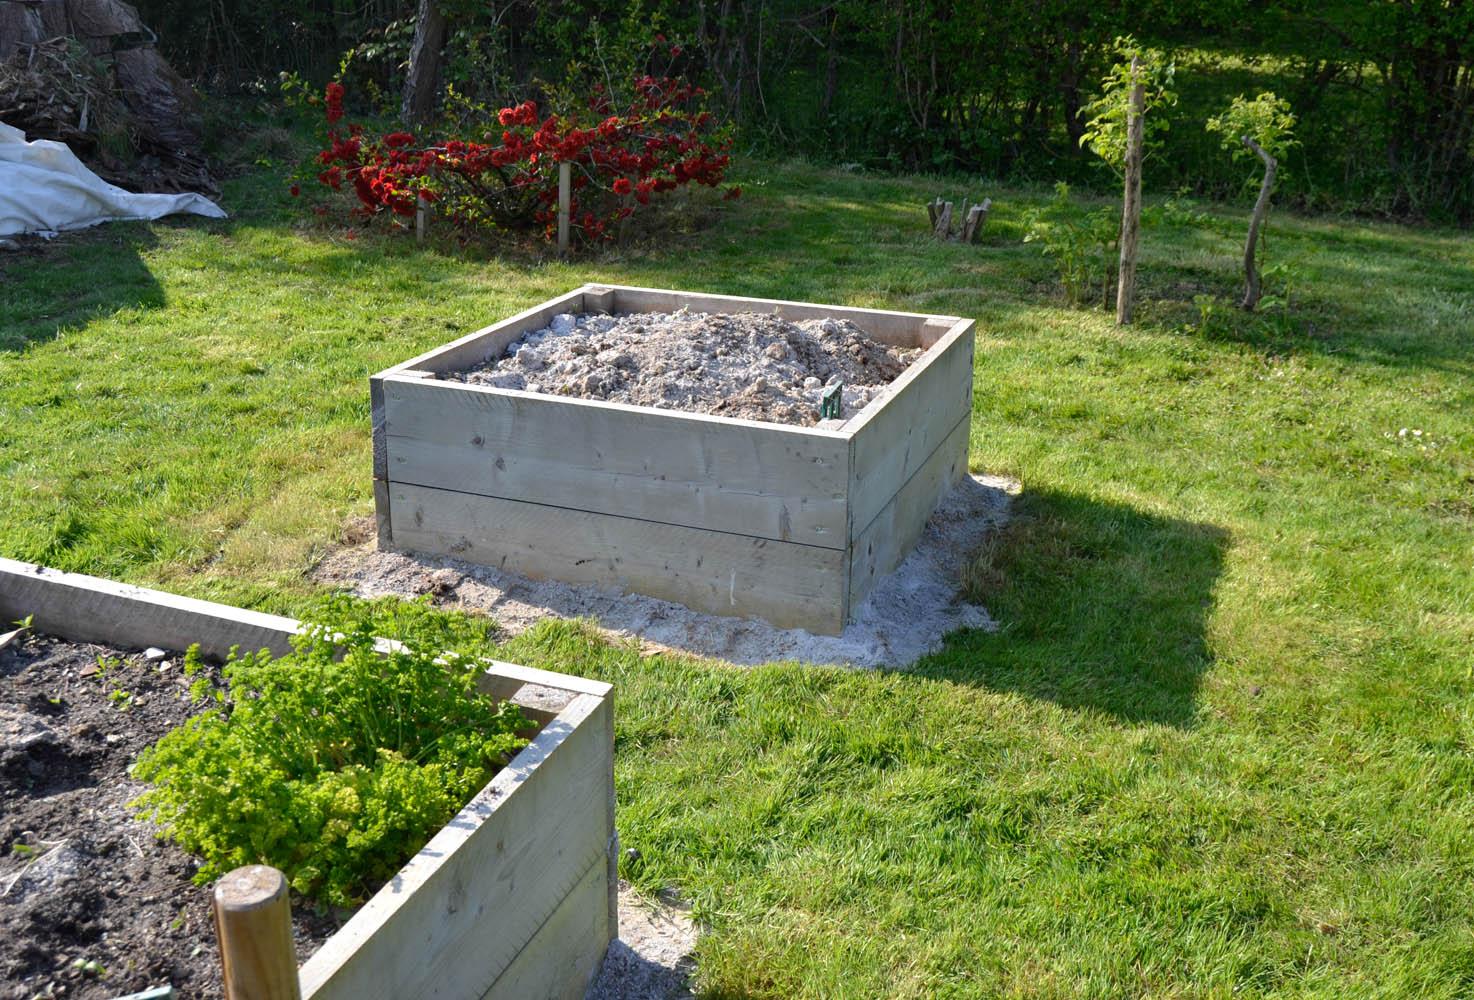 Faire un potager sur lev maman tout faire - Que peut on mettre dans un composteur de jardin ...